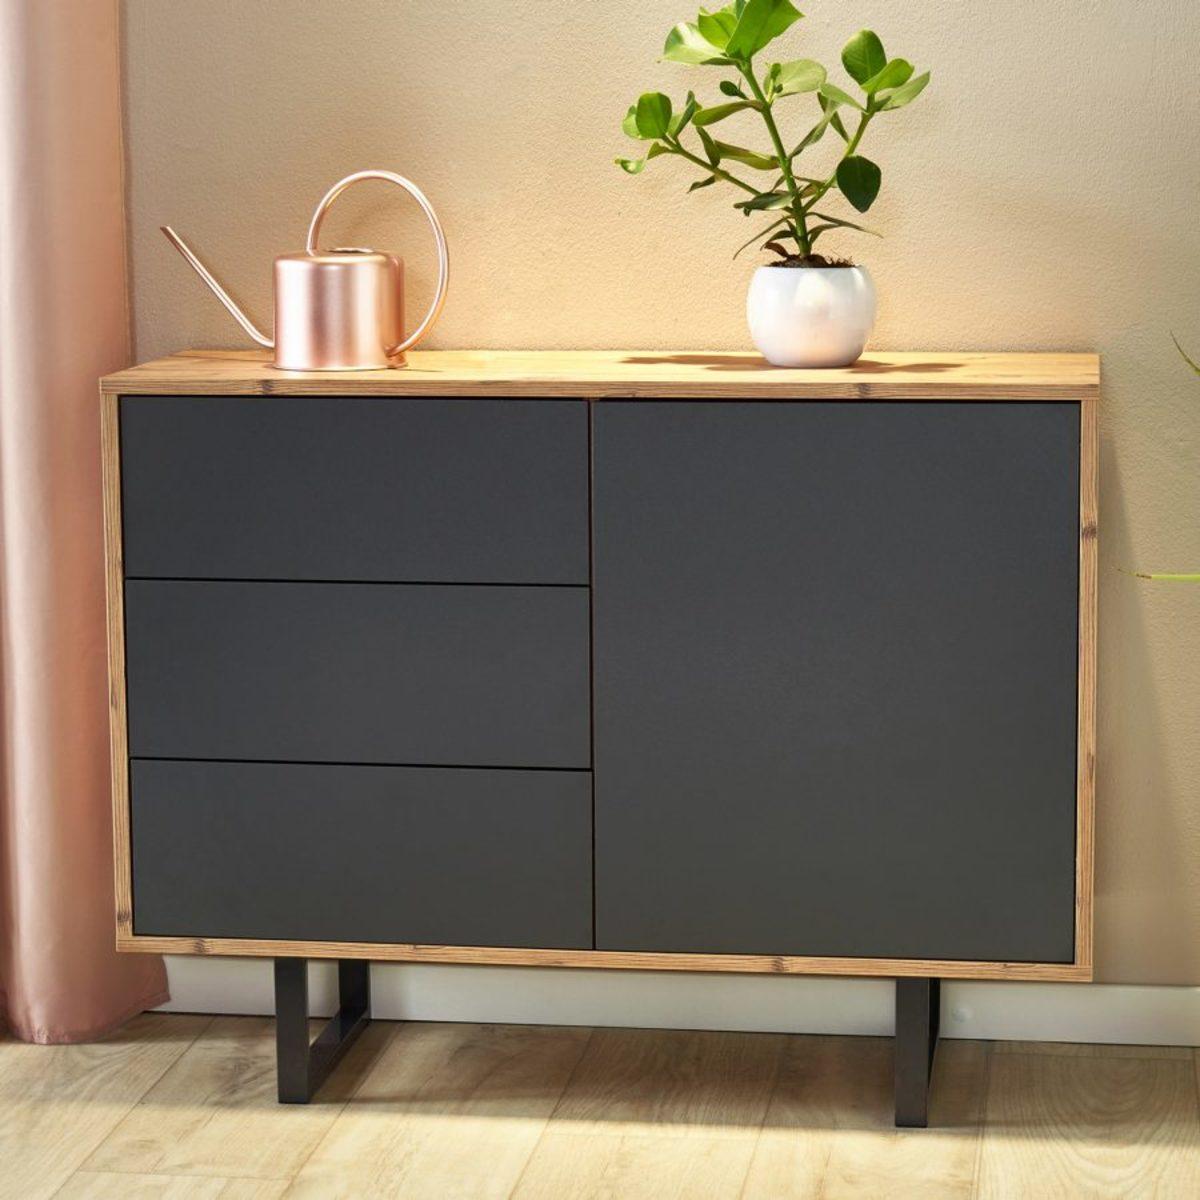 Aldi Kommode Home Creation : home creation kommode von aldi nord ansehen ~ Yuntae.com Dekorationen Ideen